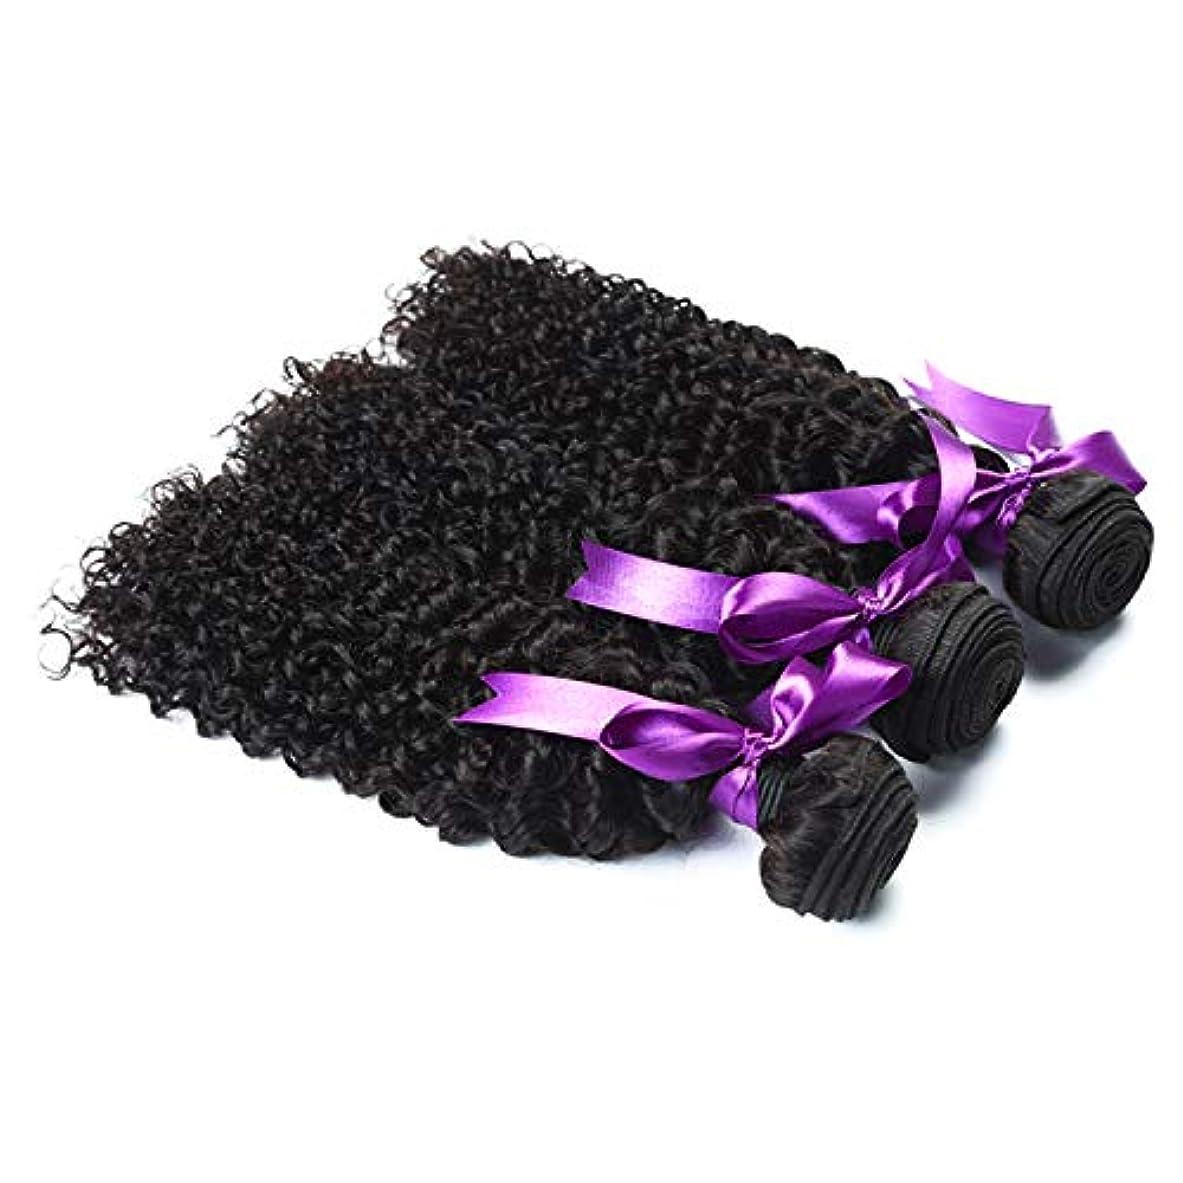 大破に応じてフィードかつら マレーシアの変態巻き毛3束お得な価格非Remy人間の髪織りエクステンションナチュラルブラック人間の髪の毛のかつら (Length : 8 10 12)